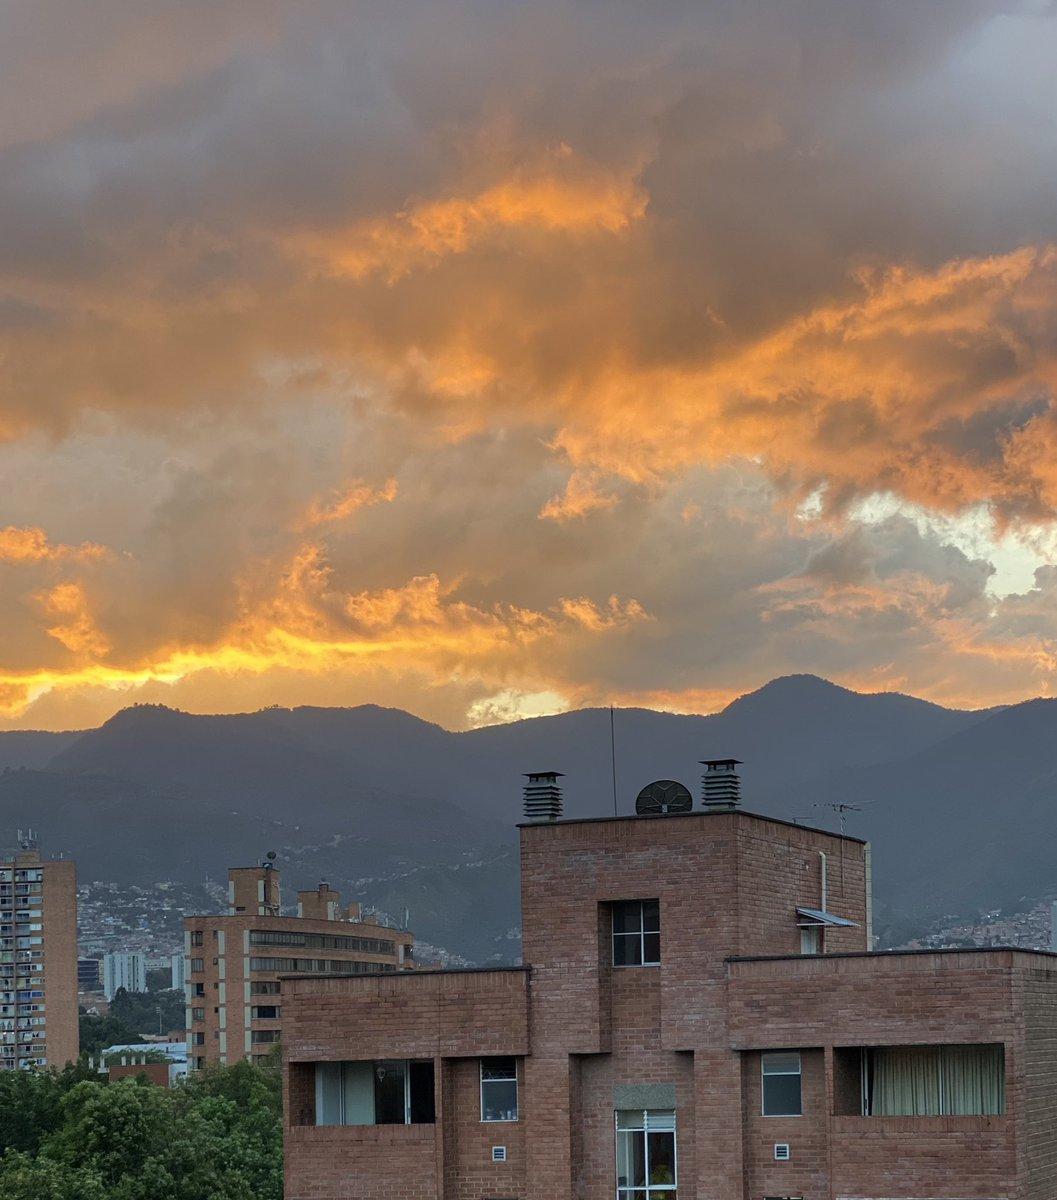 #Medellin #Sky #Fire